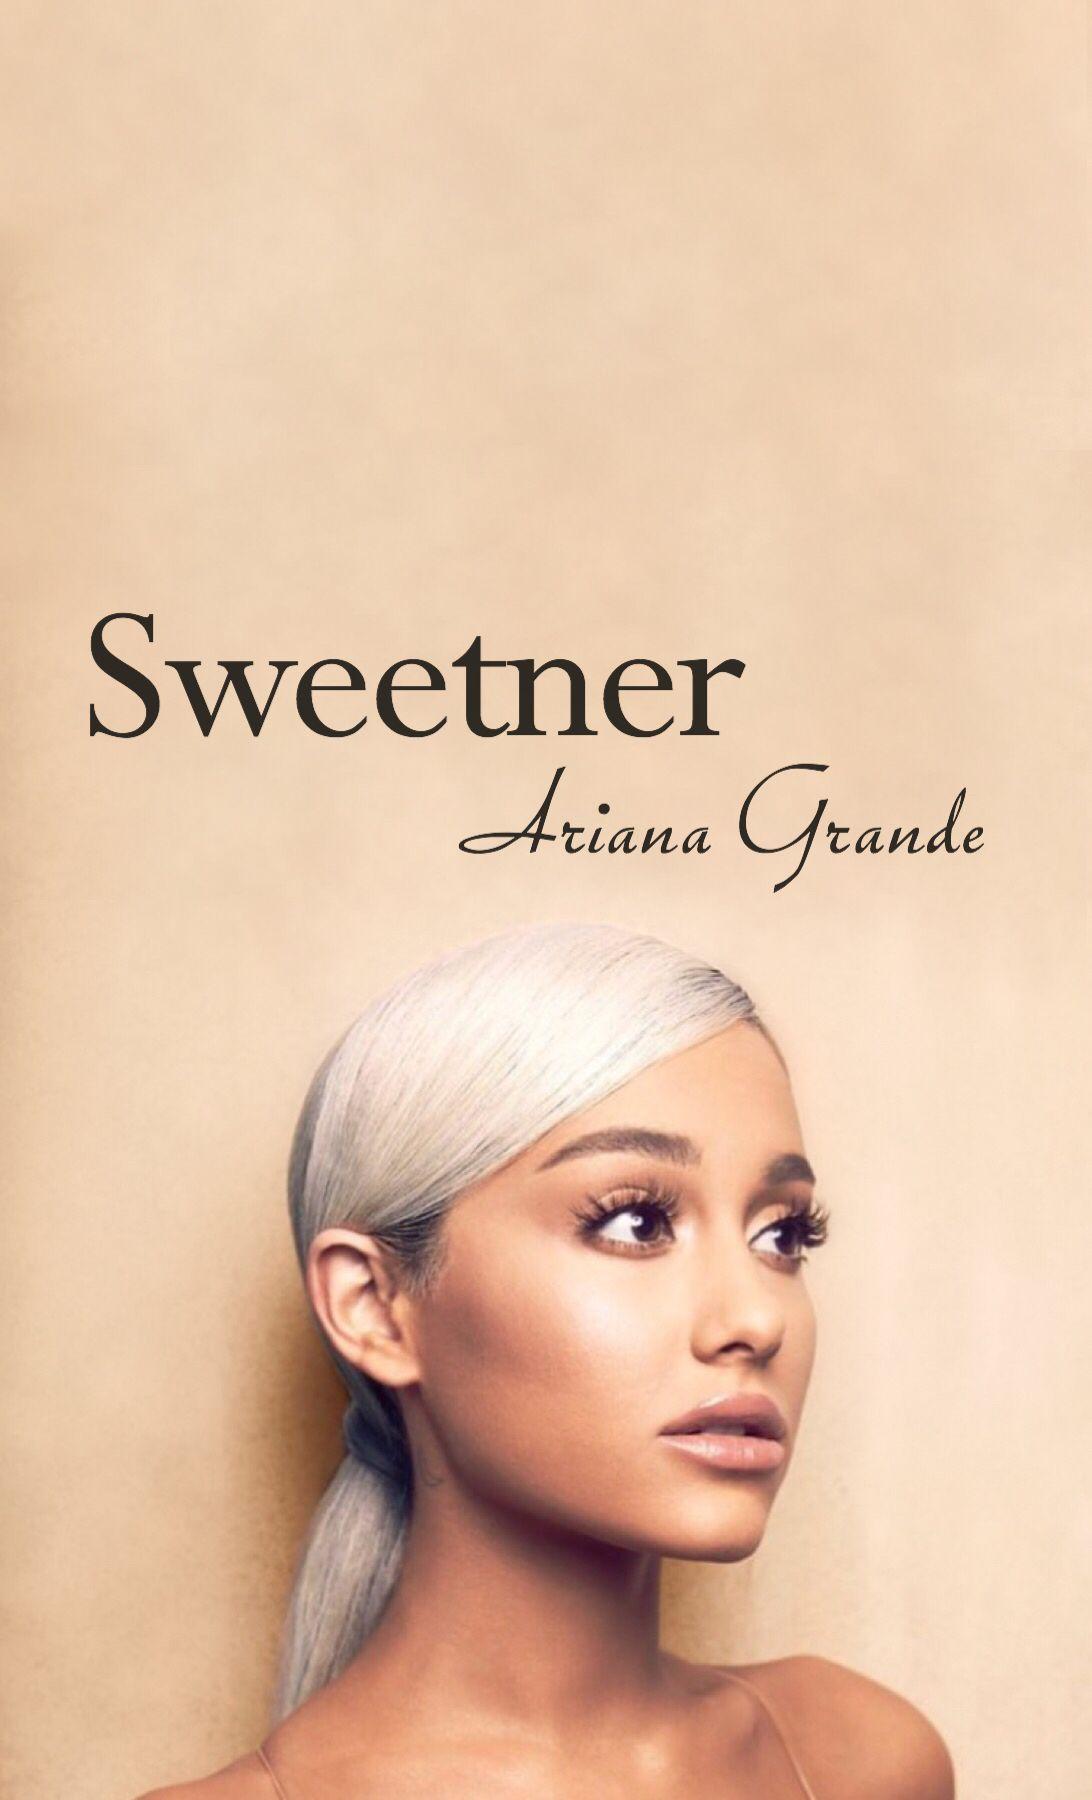 sweetener ariana grande  Sweetner Album Wallpaper Ariana Grande | Ariana grande (ma GURL)